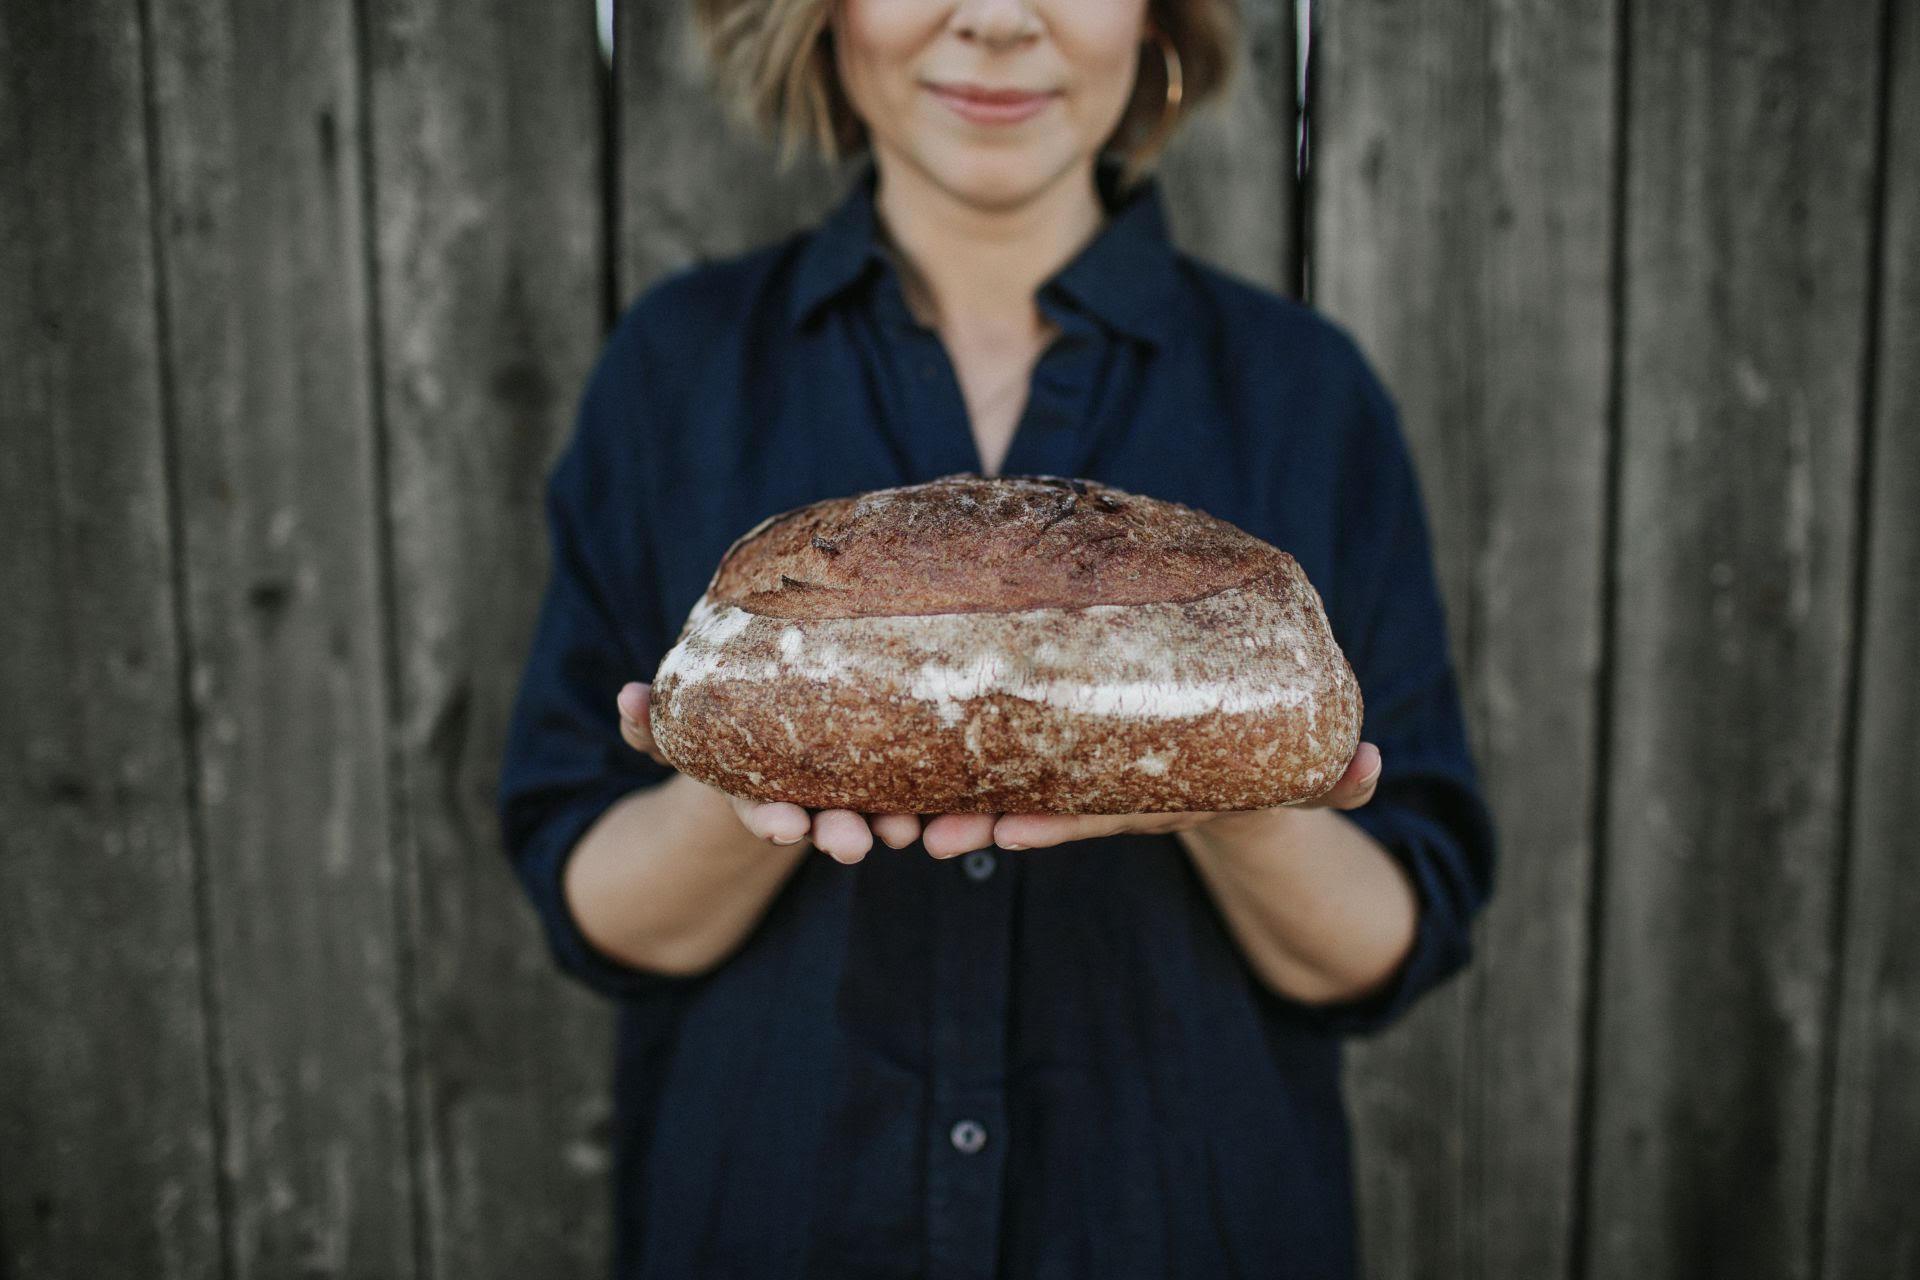 Mój chleb domowy. Rozmowa z Elizą Mórawską-Kmitą